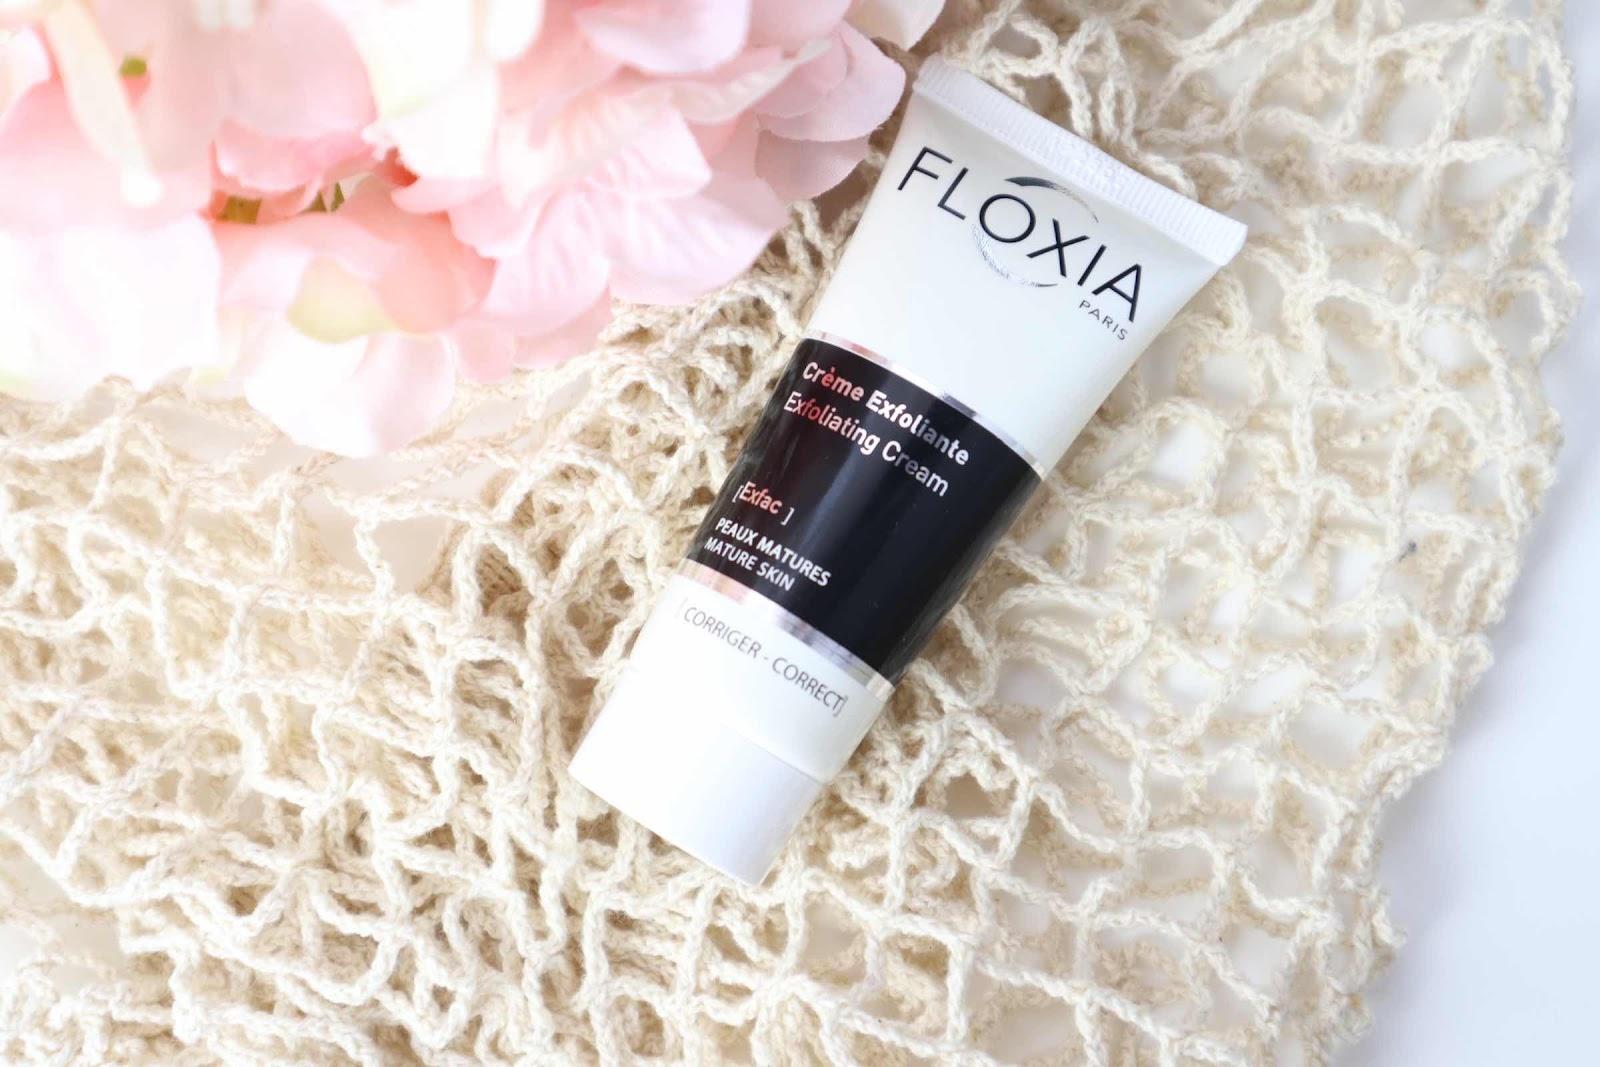 解決肌膚四大煩惱 ~ Floxia 更新抗氧面霜 ~ 清爽滋潤,夏天用佢最好不過 ...